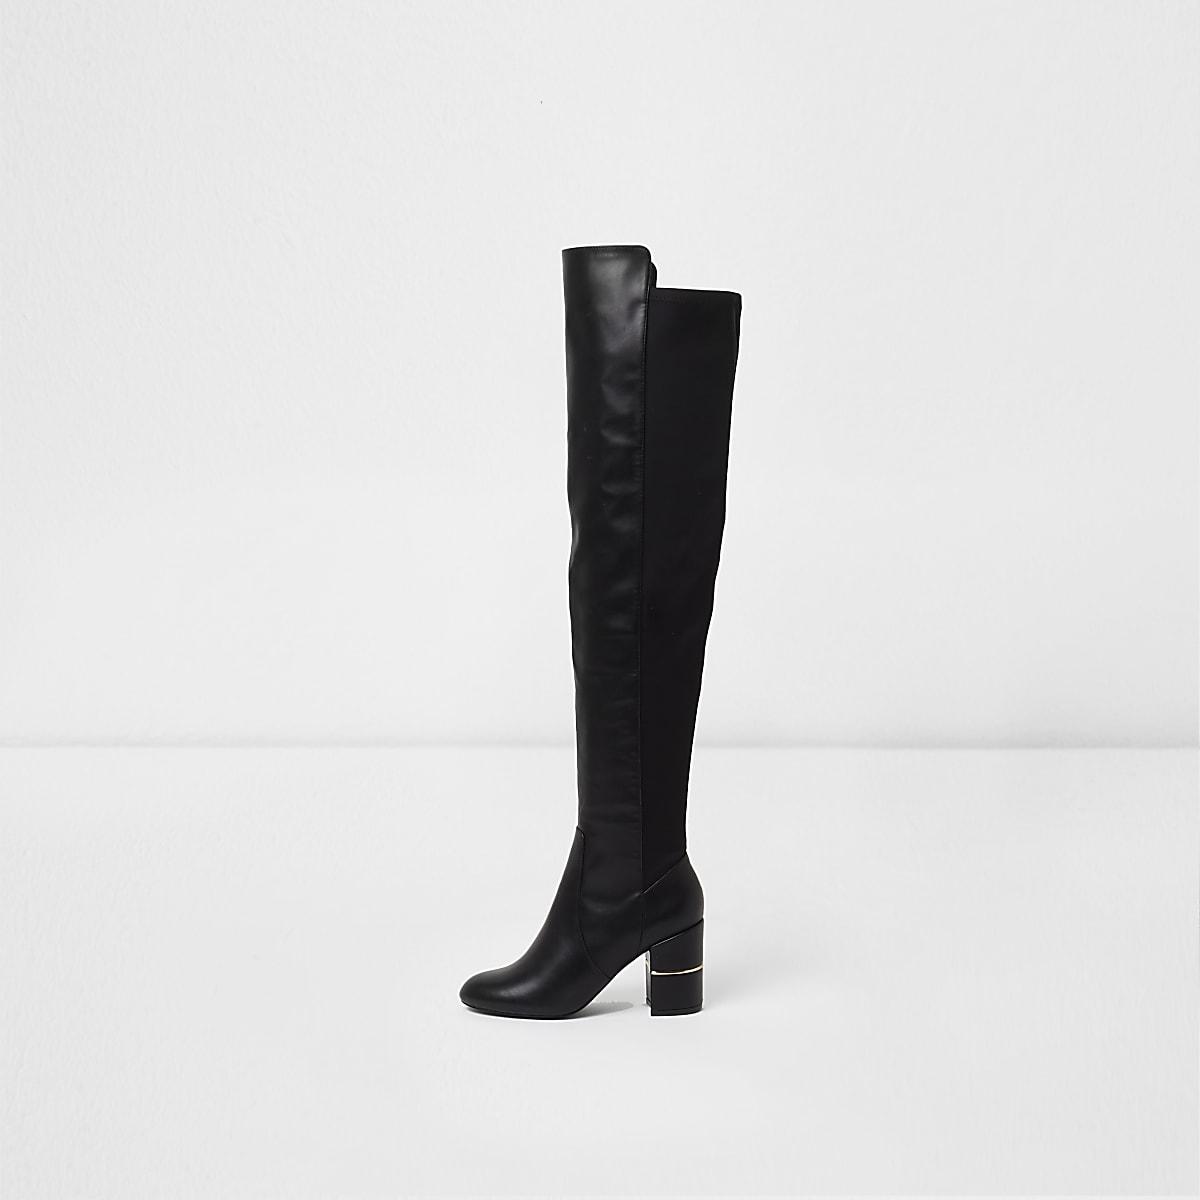 Black over the knee block heel boots